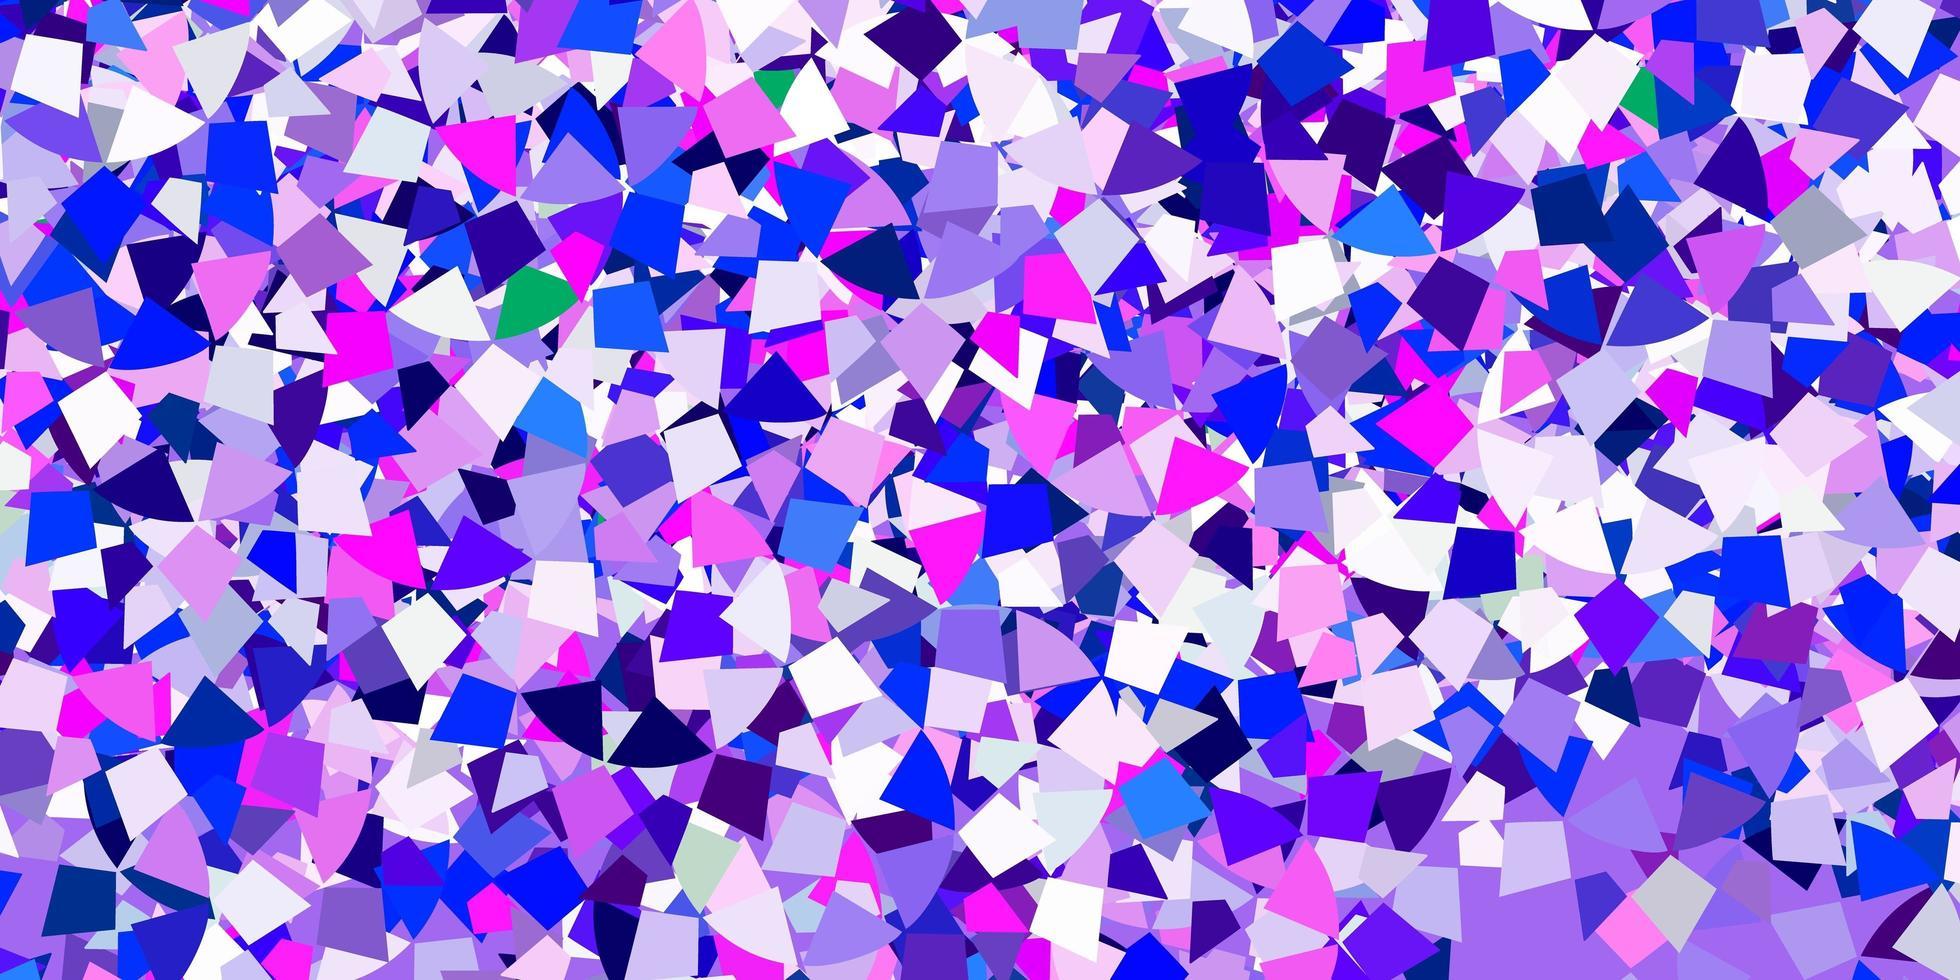 pano de fundo azul claro com triângulos de linhas vetor